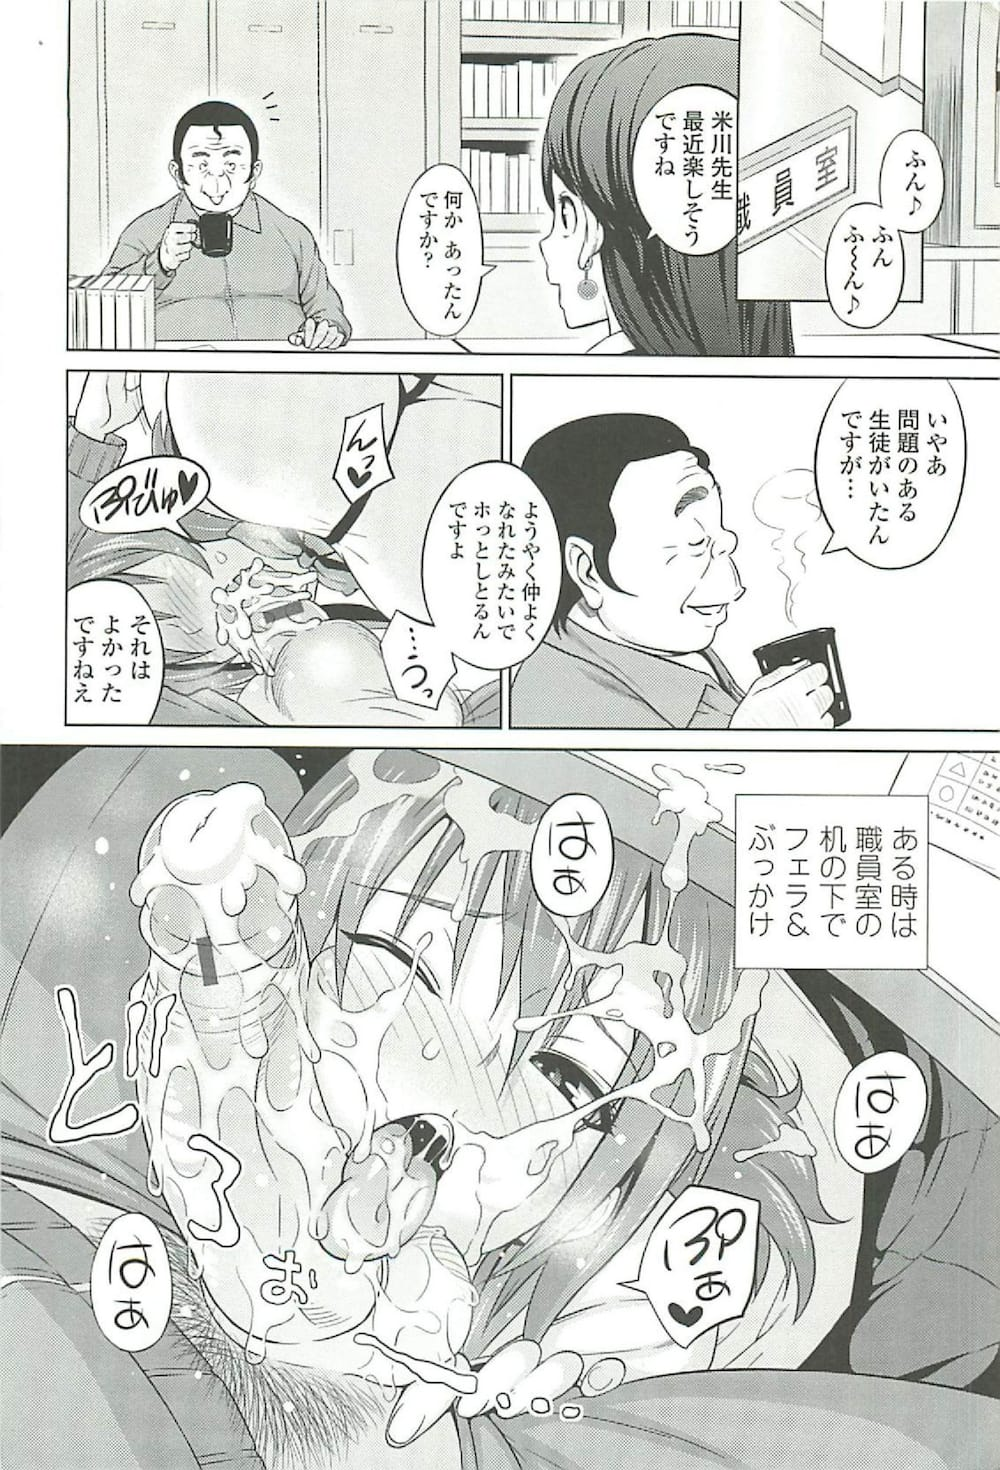 hentaikyoushinoseidoreitonattari_da_naJK_zenrahaik